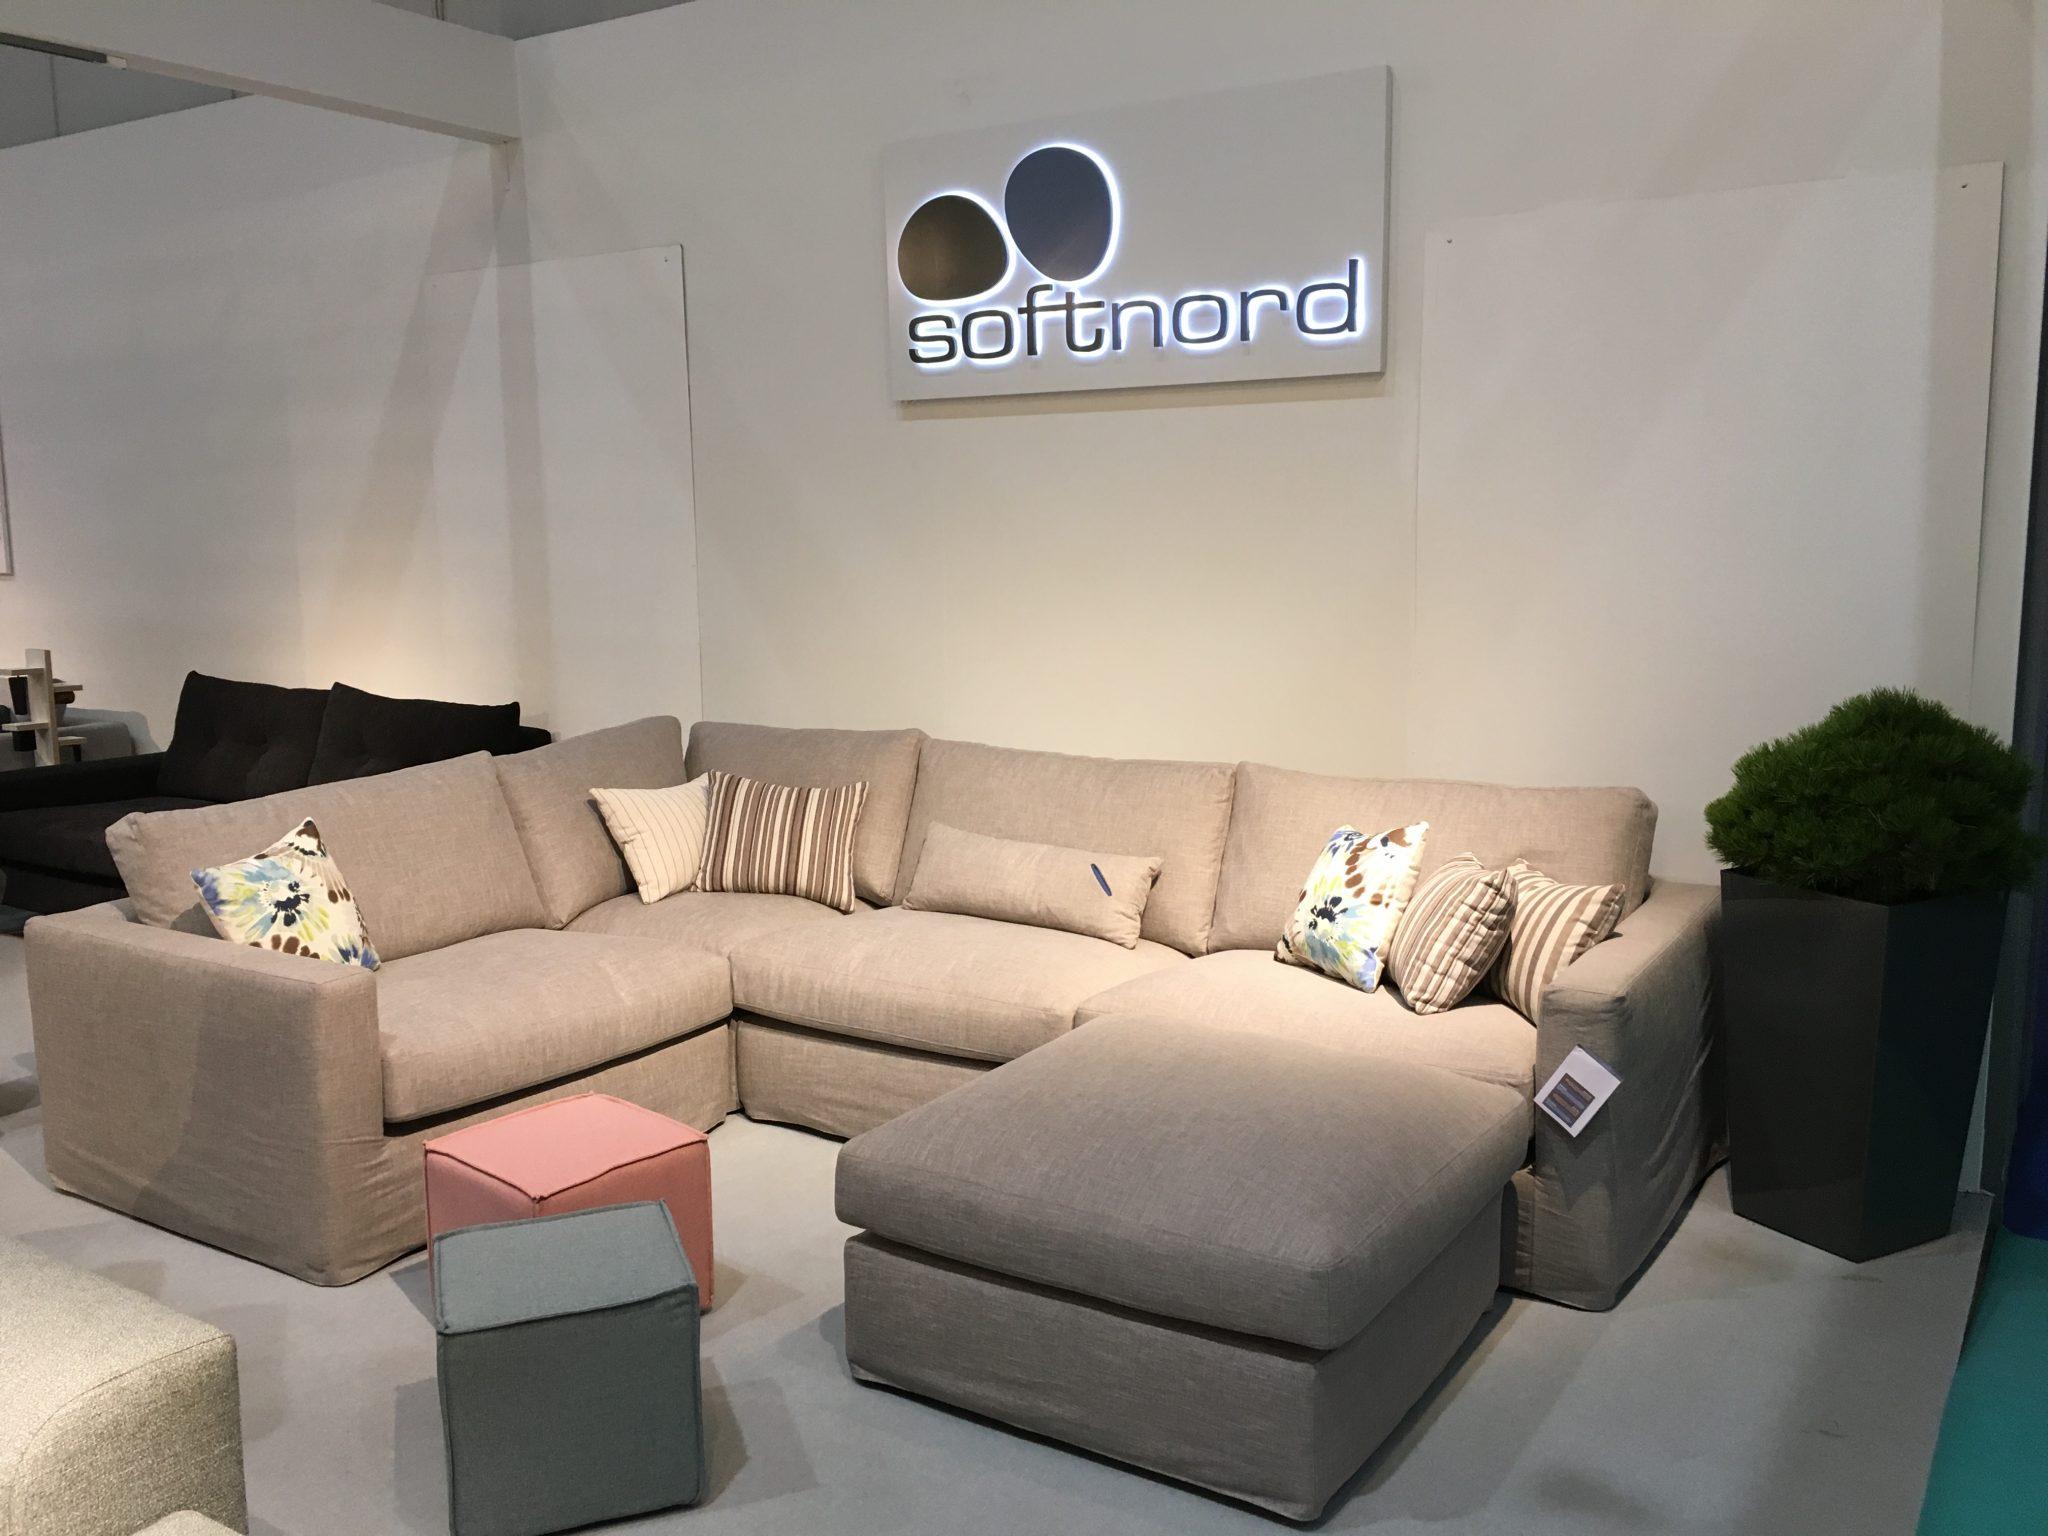 Brussels Furniture Fairs 2015